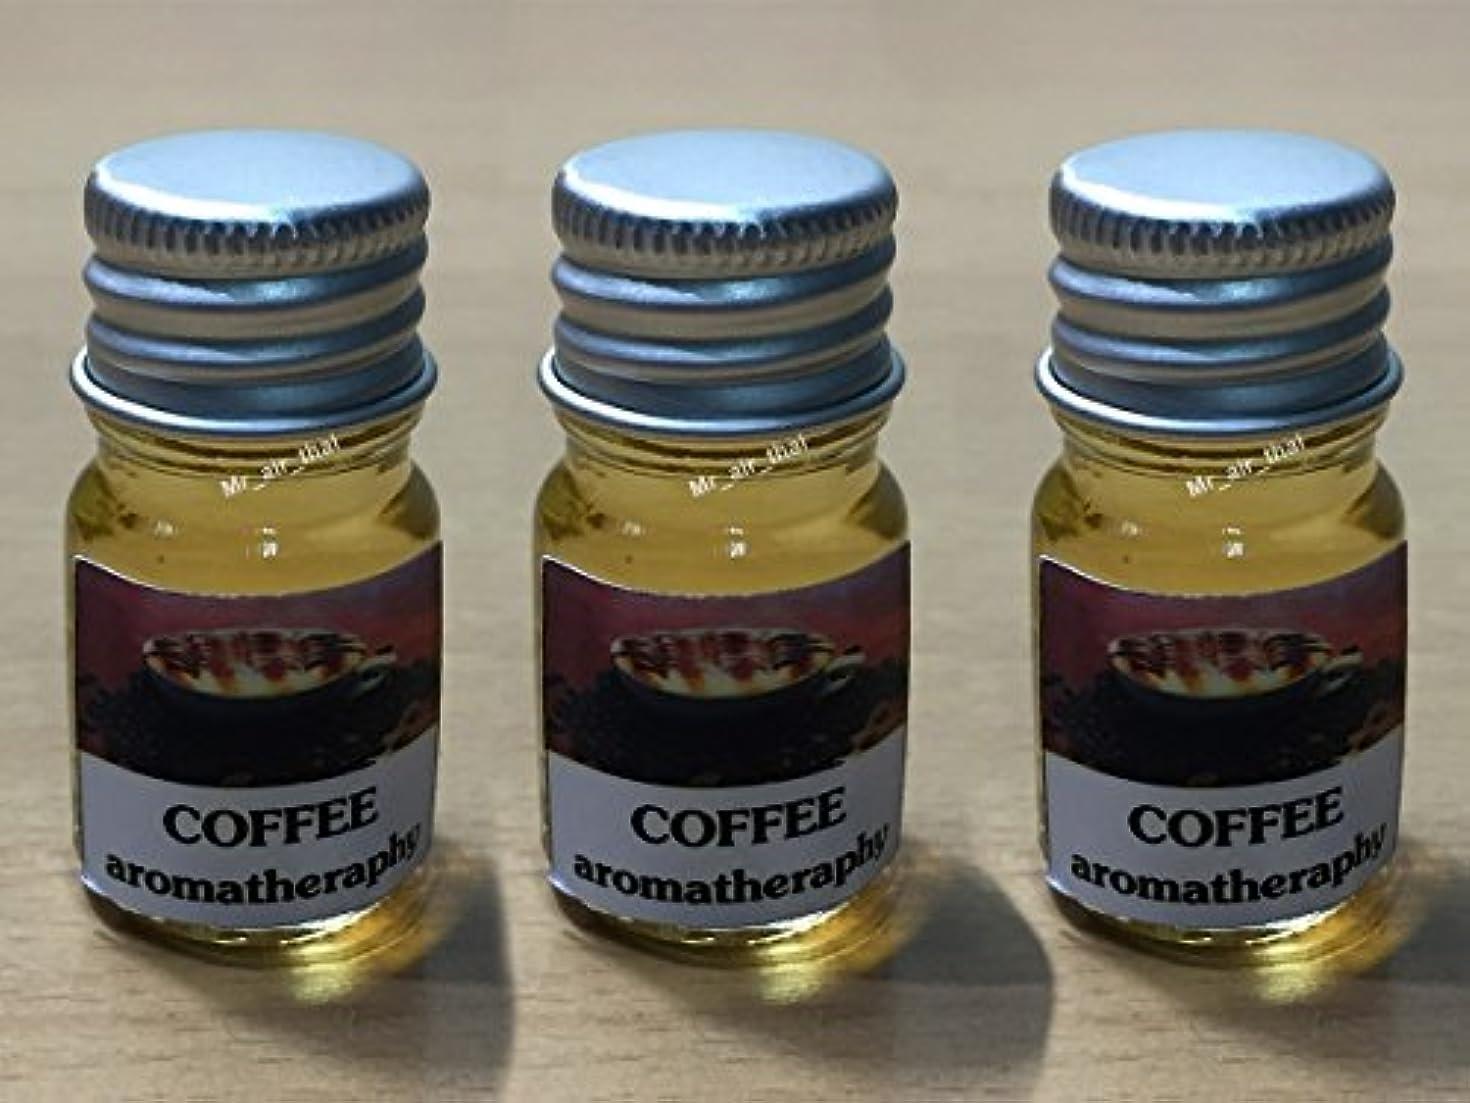 施設グリルレール3個セット 5ミリリットルアロマコーヒーフランクインセンスエッセンシャルオイルボトルアロマテラピーオイル自然自然 3PC 5ml Aroma Coffee Frankincense Essential Oil Bottles...